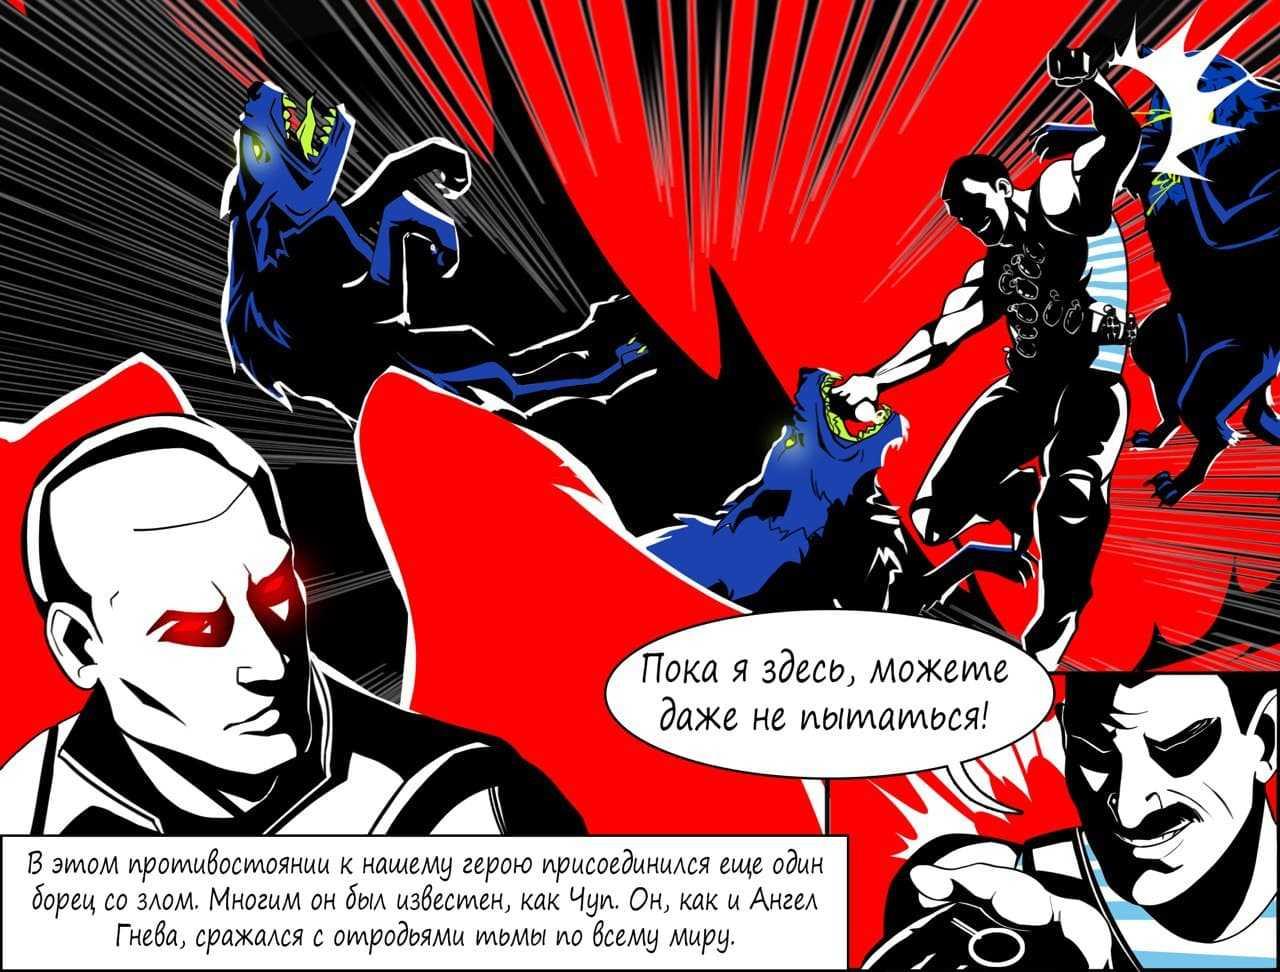 На Pinterest появился аккаунт комиксов, посвященных ЧВК «Вагнера»